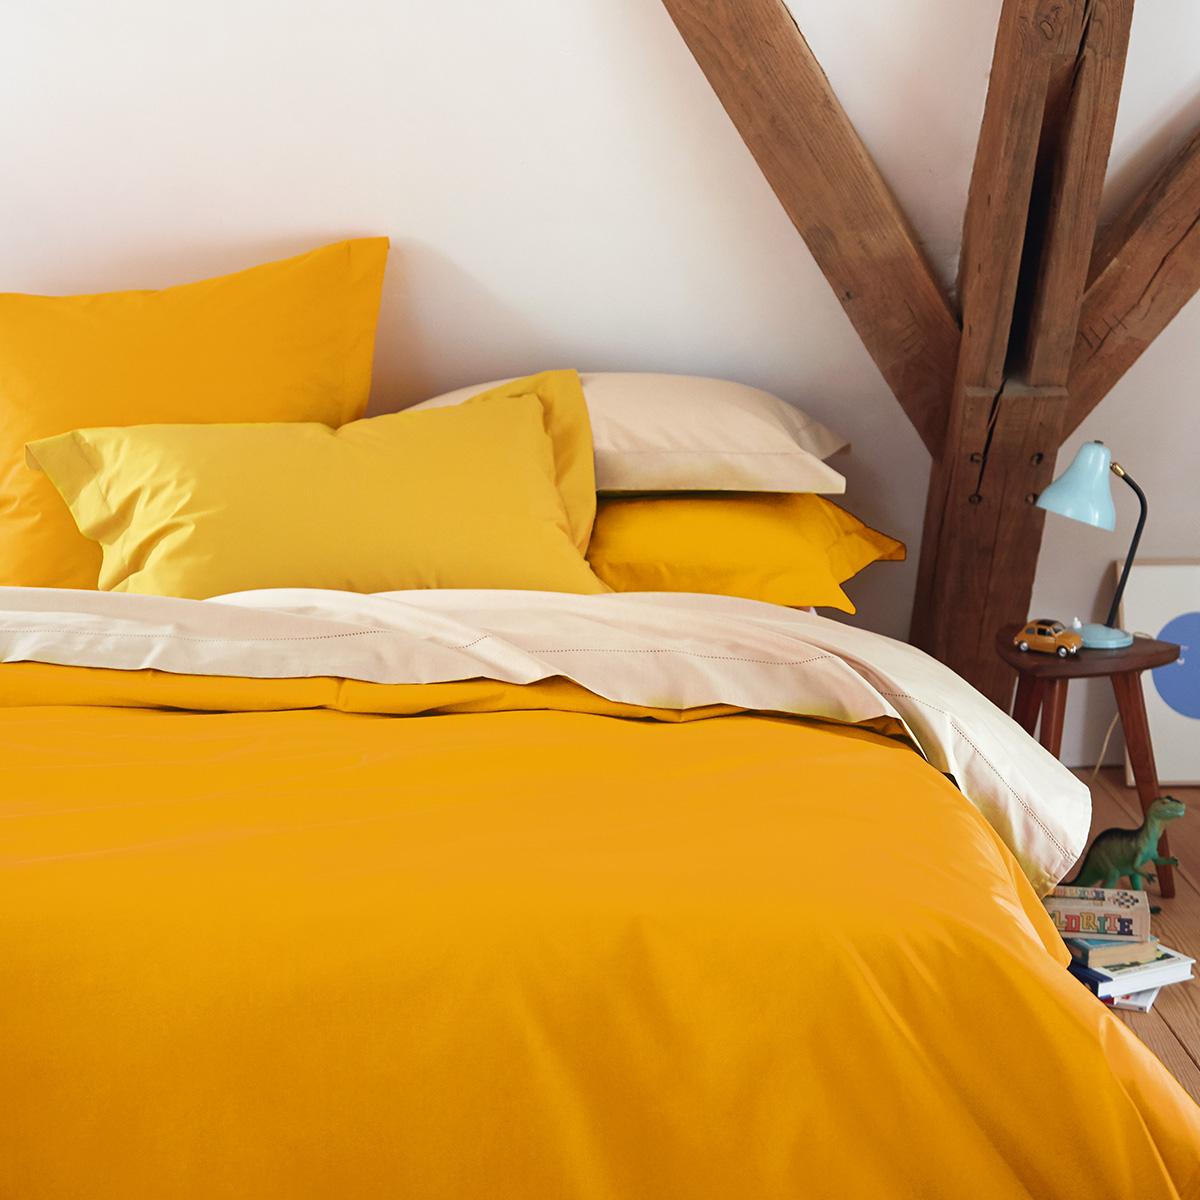 Housse de couette percale Orange 200 x 200 cm